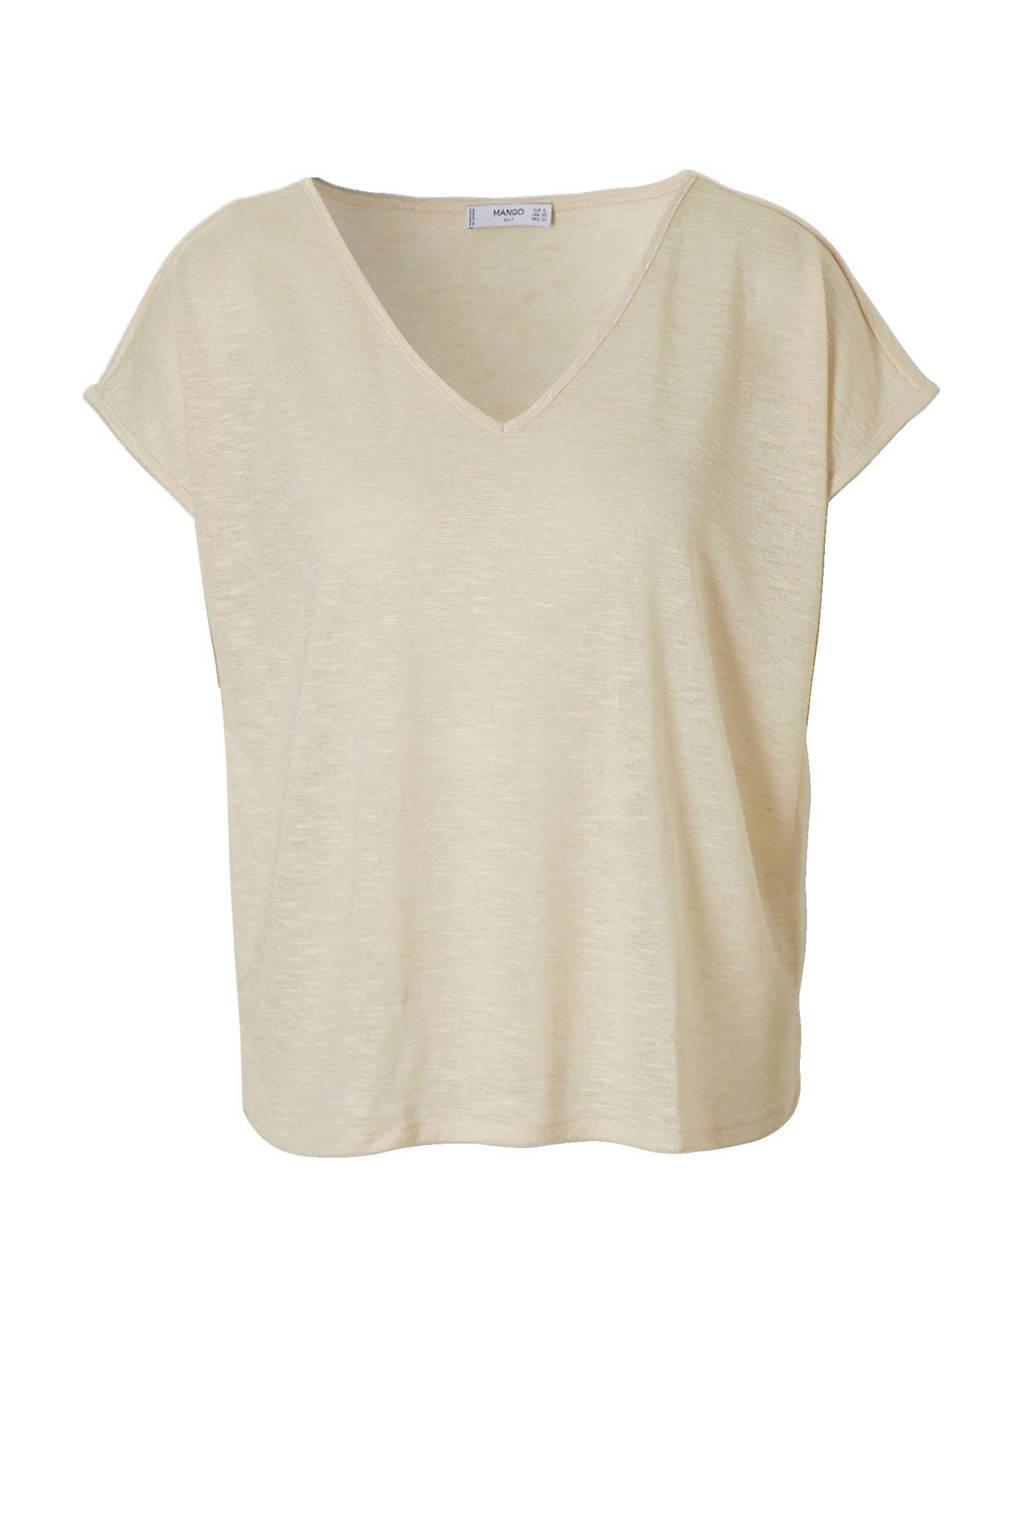 Mango T-shirt lichtbeige, Lichtbeige